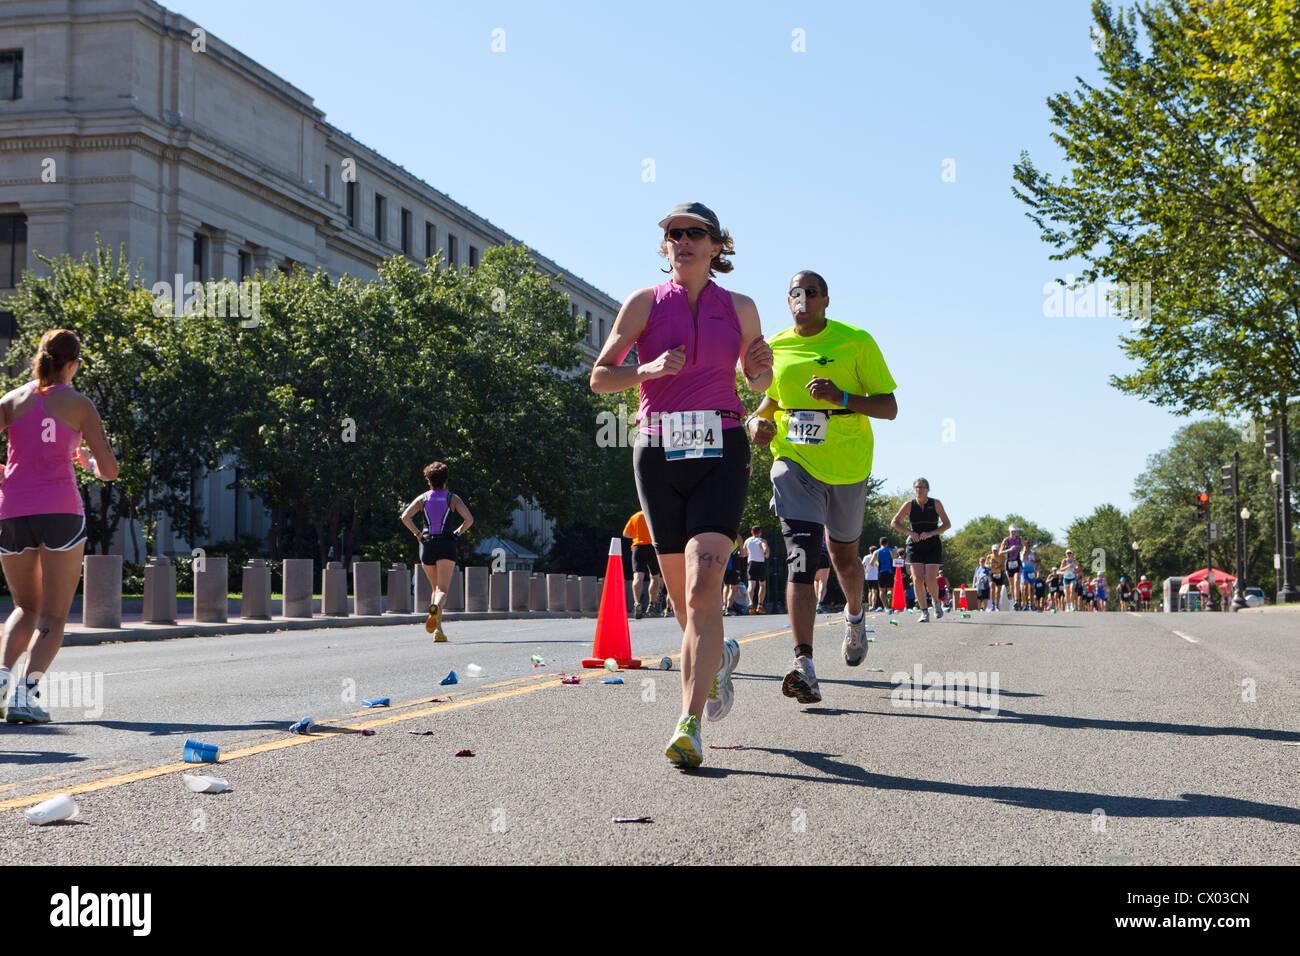 Les personnes en cours d'exécution dans un marathon Photo Stock